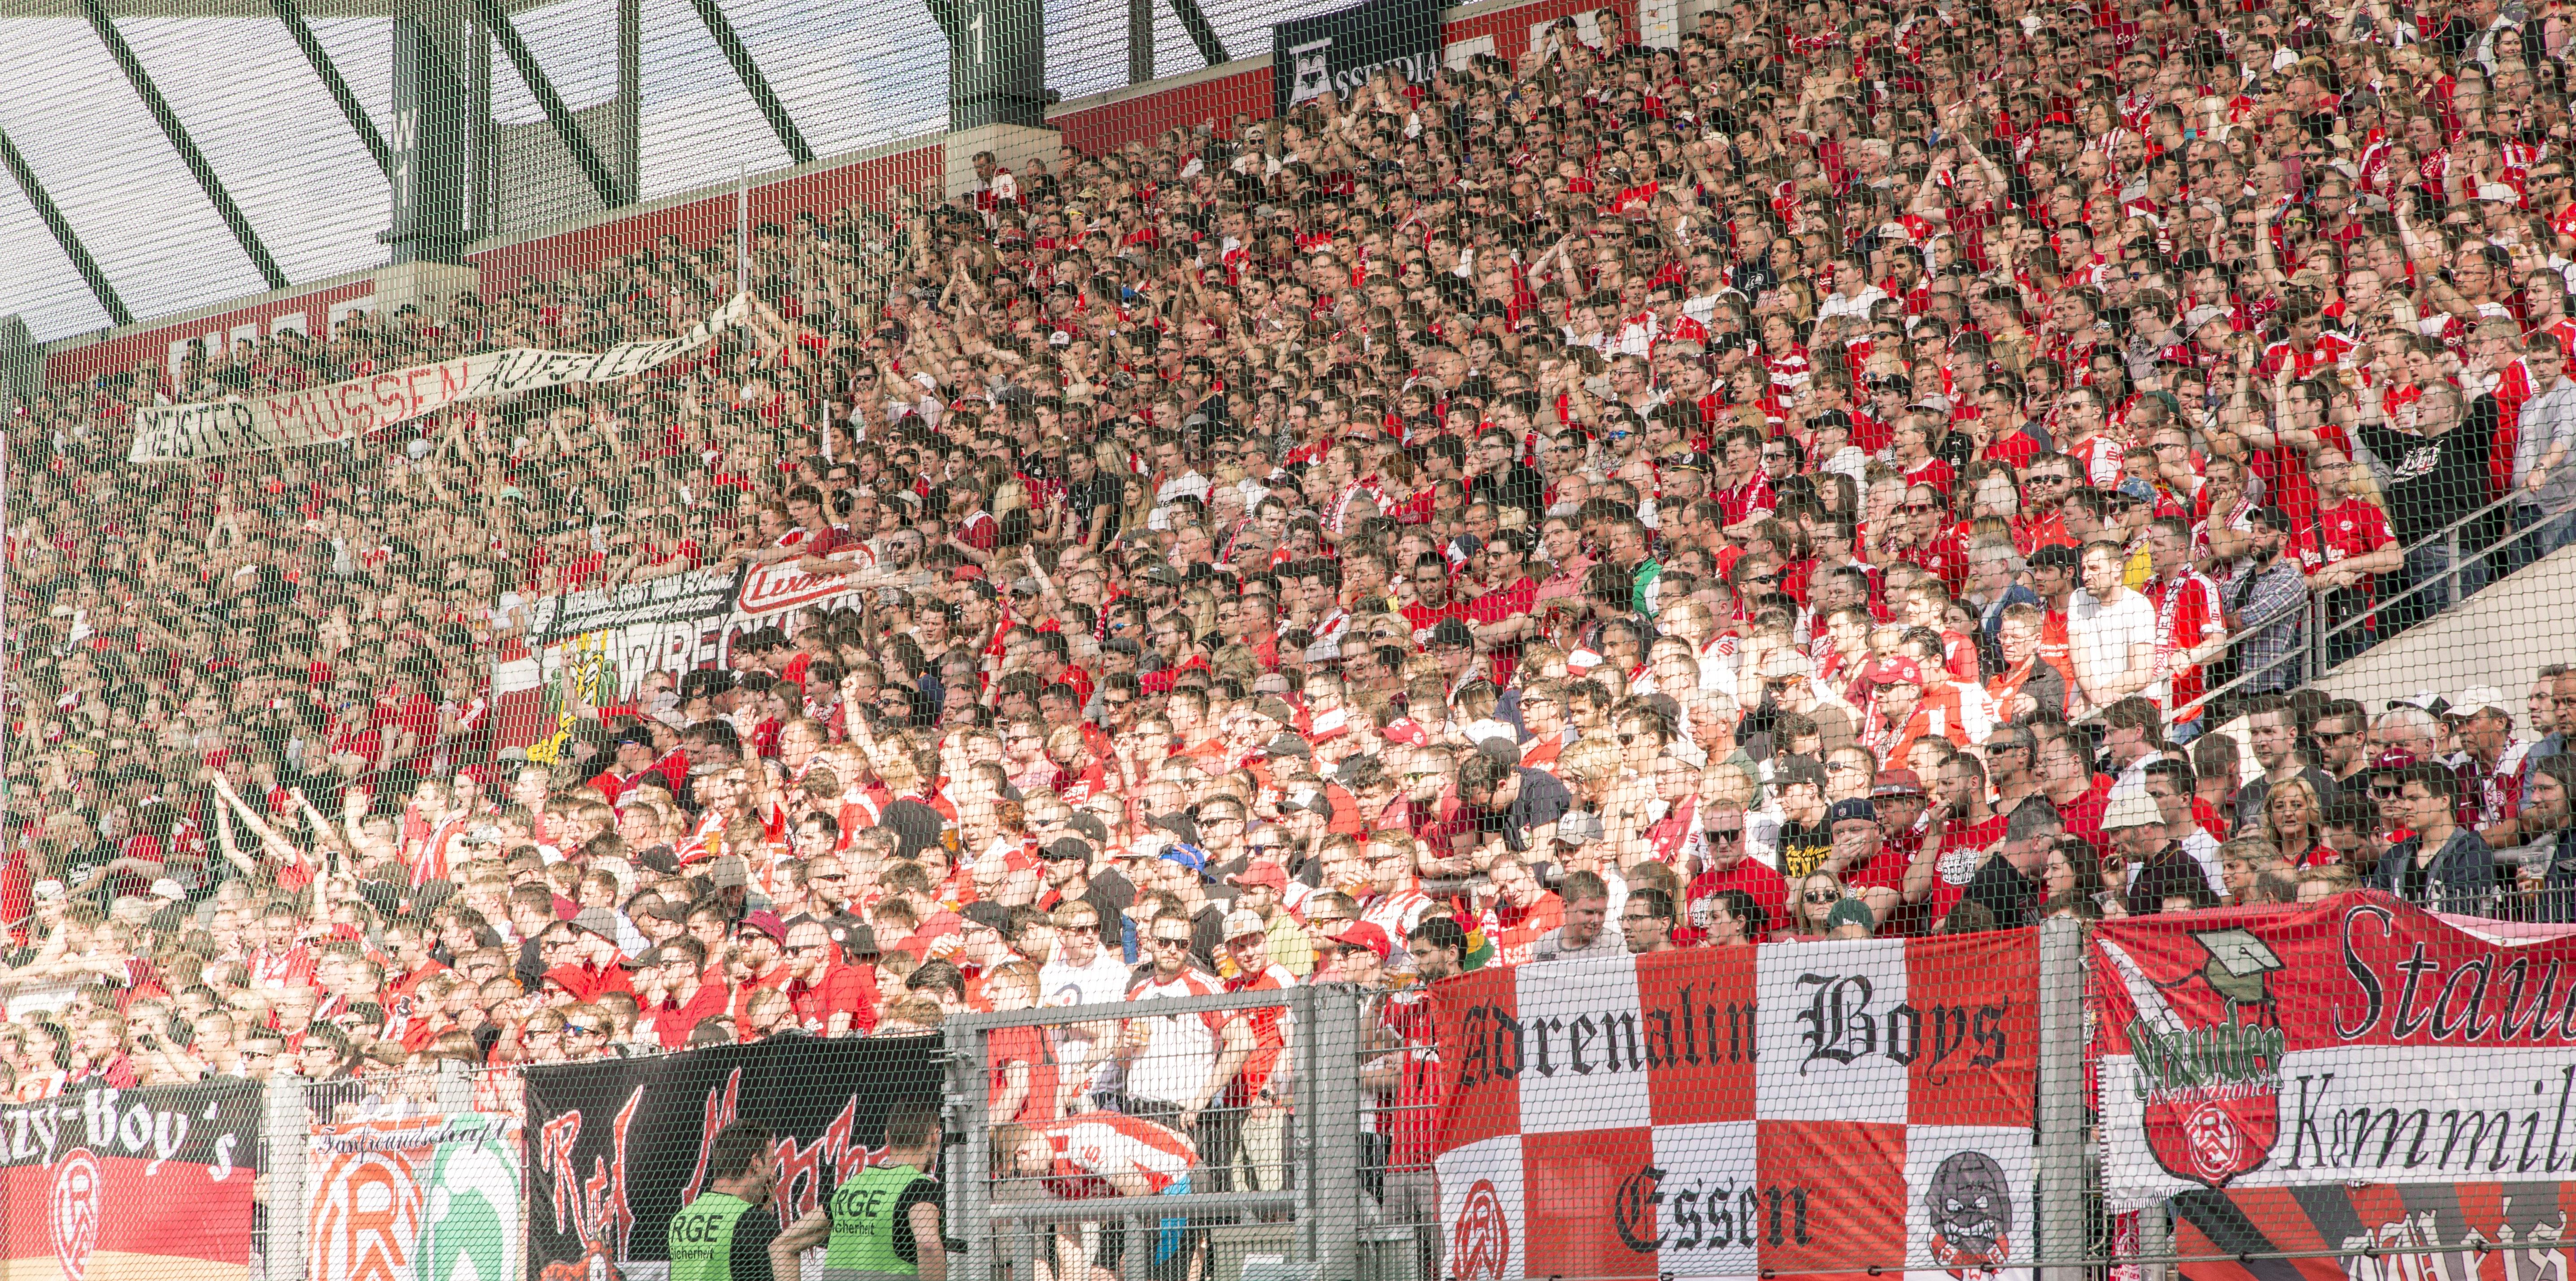 Bereits 2.500 RWE-Anhänger haben ihren Saisonpass für die kommende Spielzeit erworben.